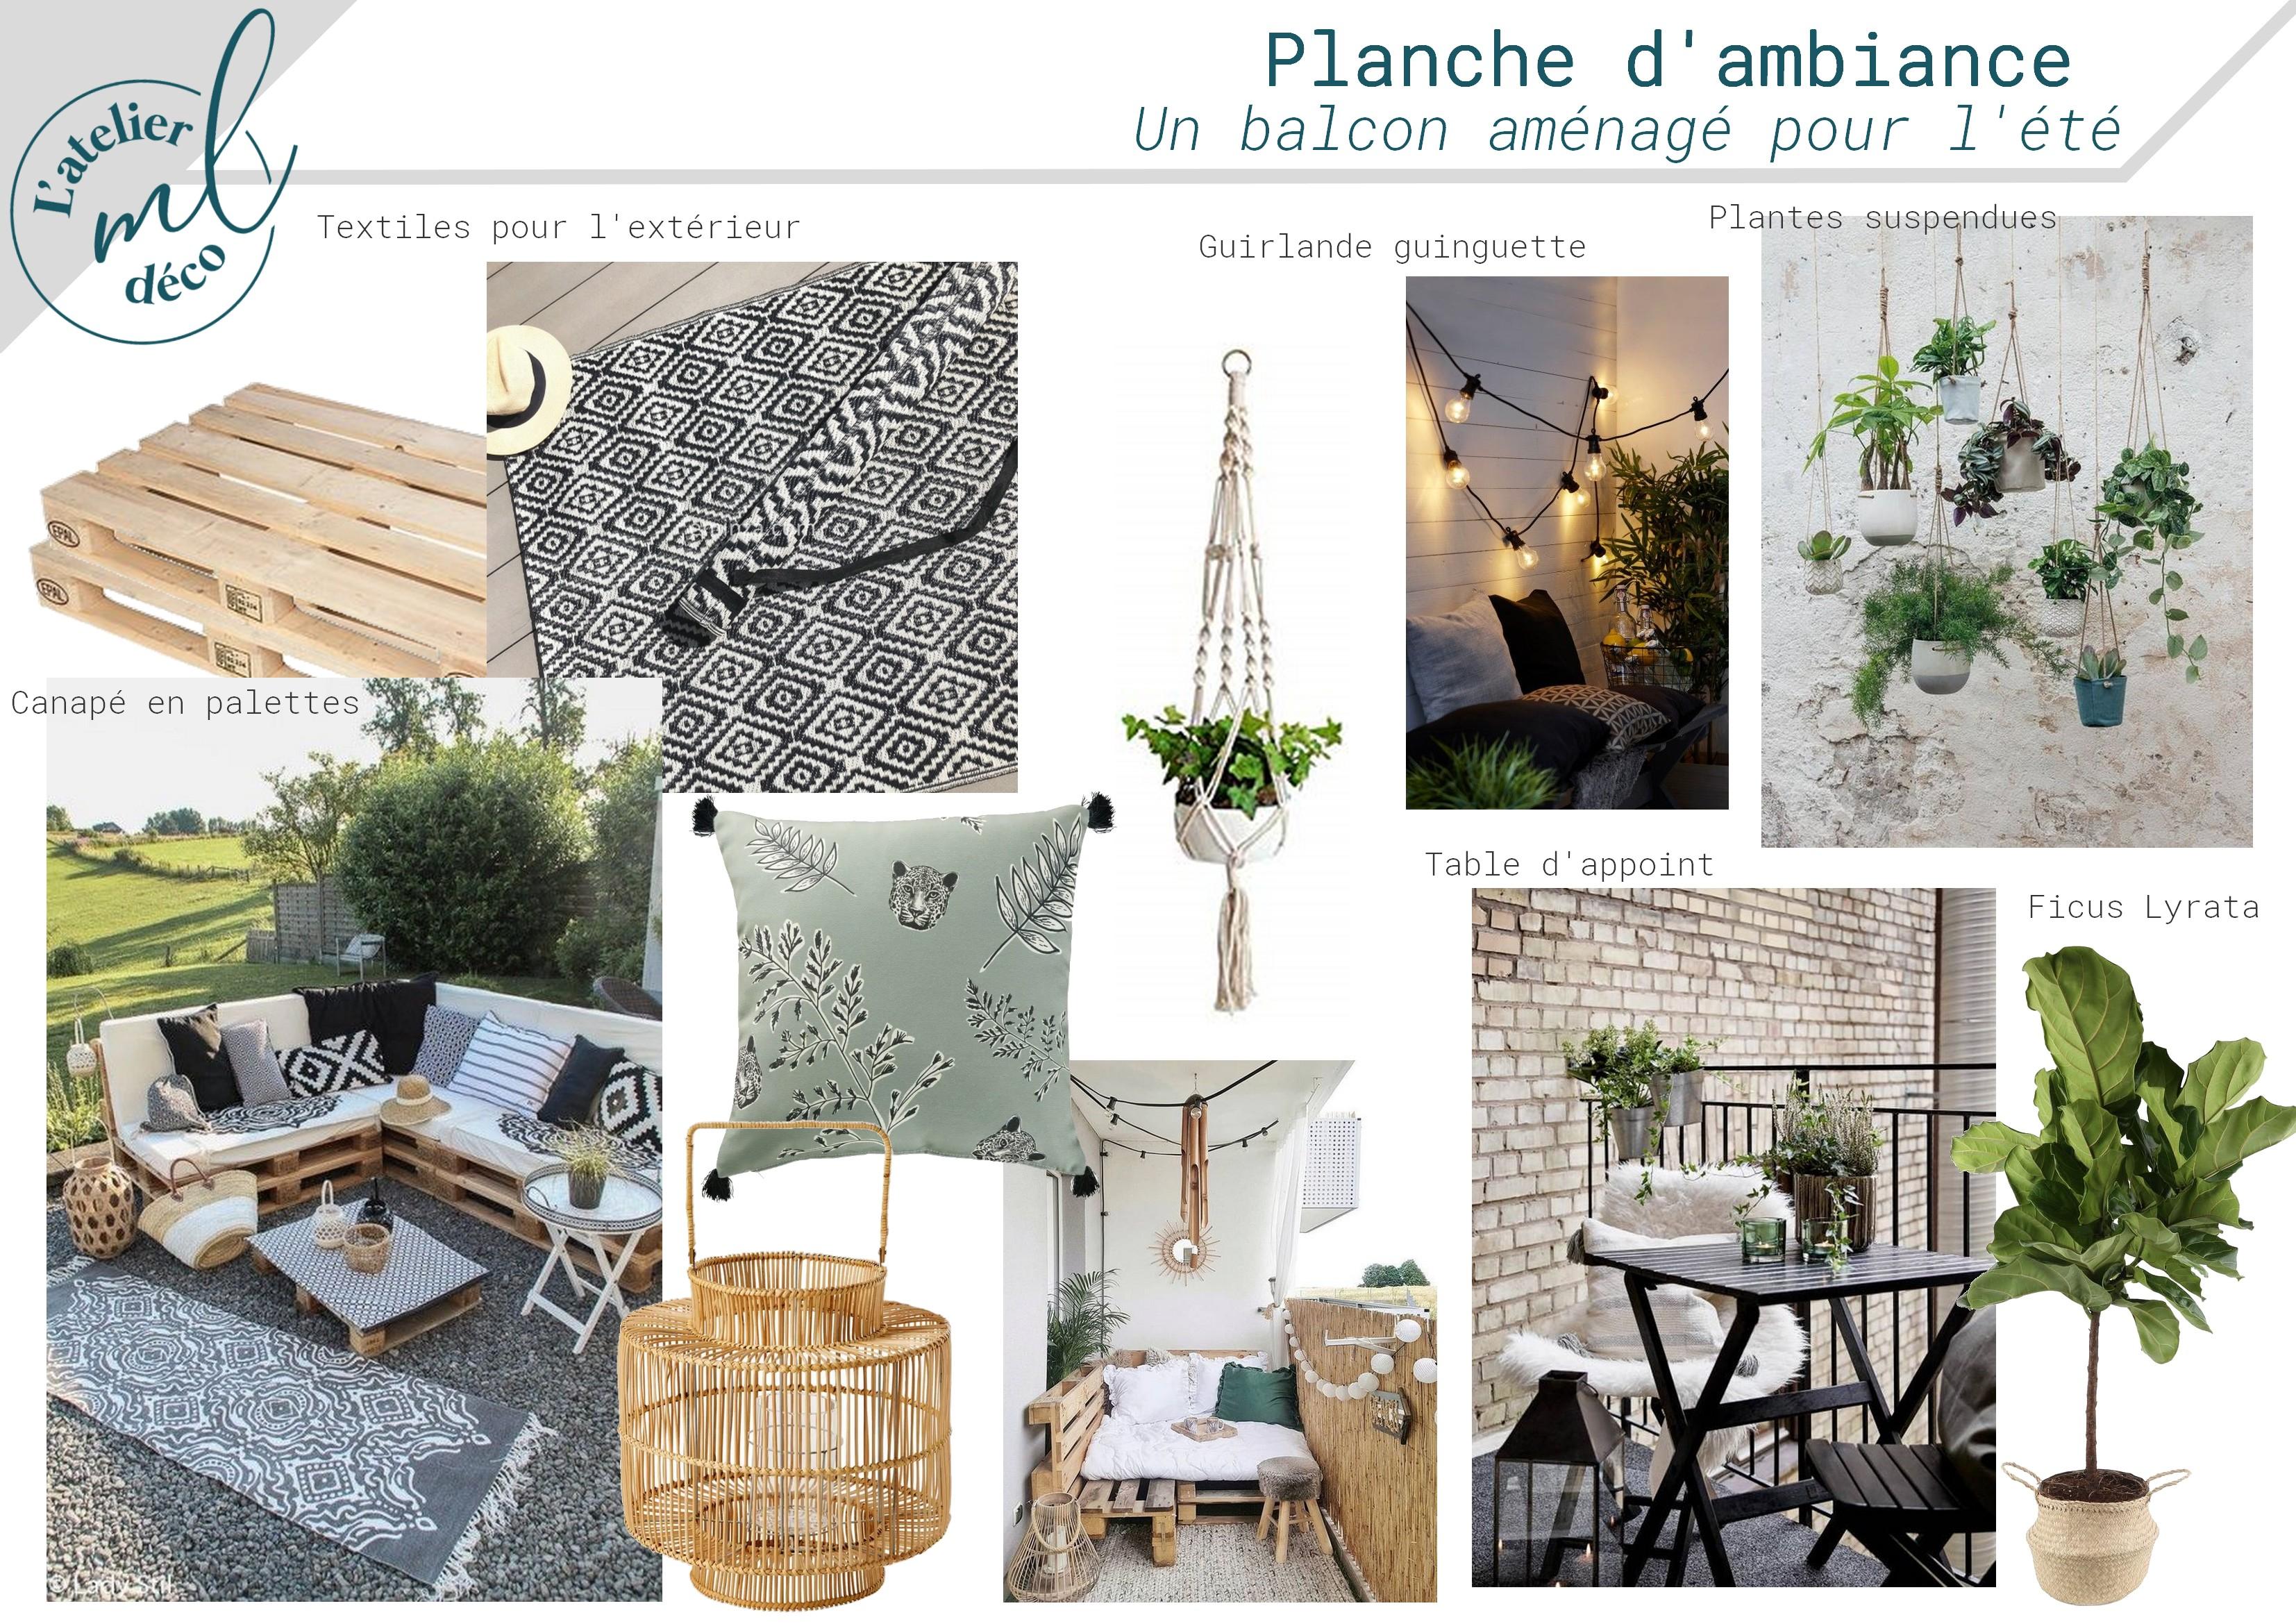 Planche d'ambiance - Terrasse.jpg